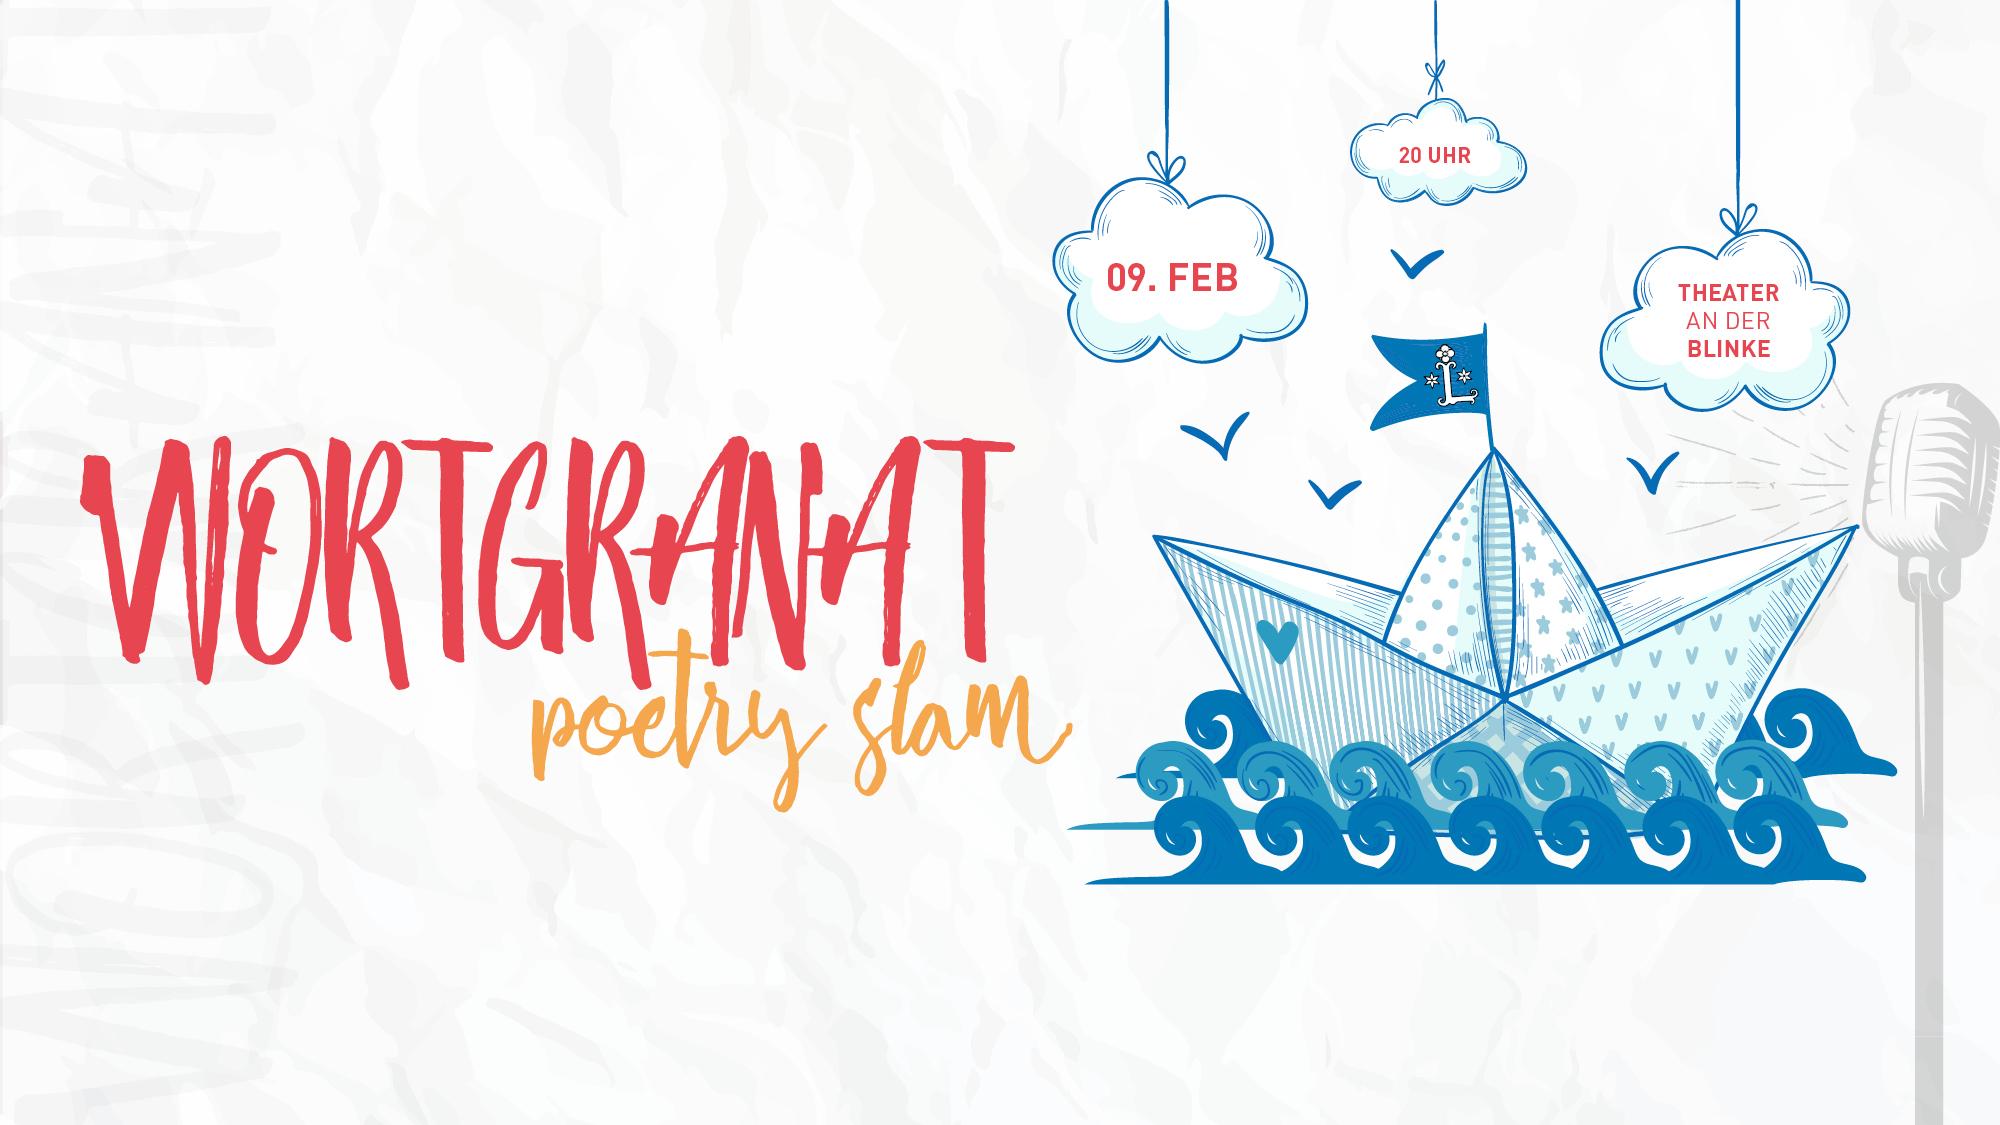 leeraner-wortgranat-poetry-slam-2018